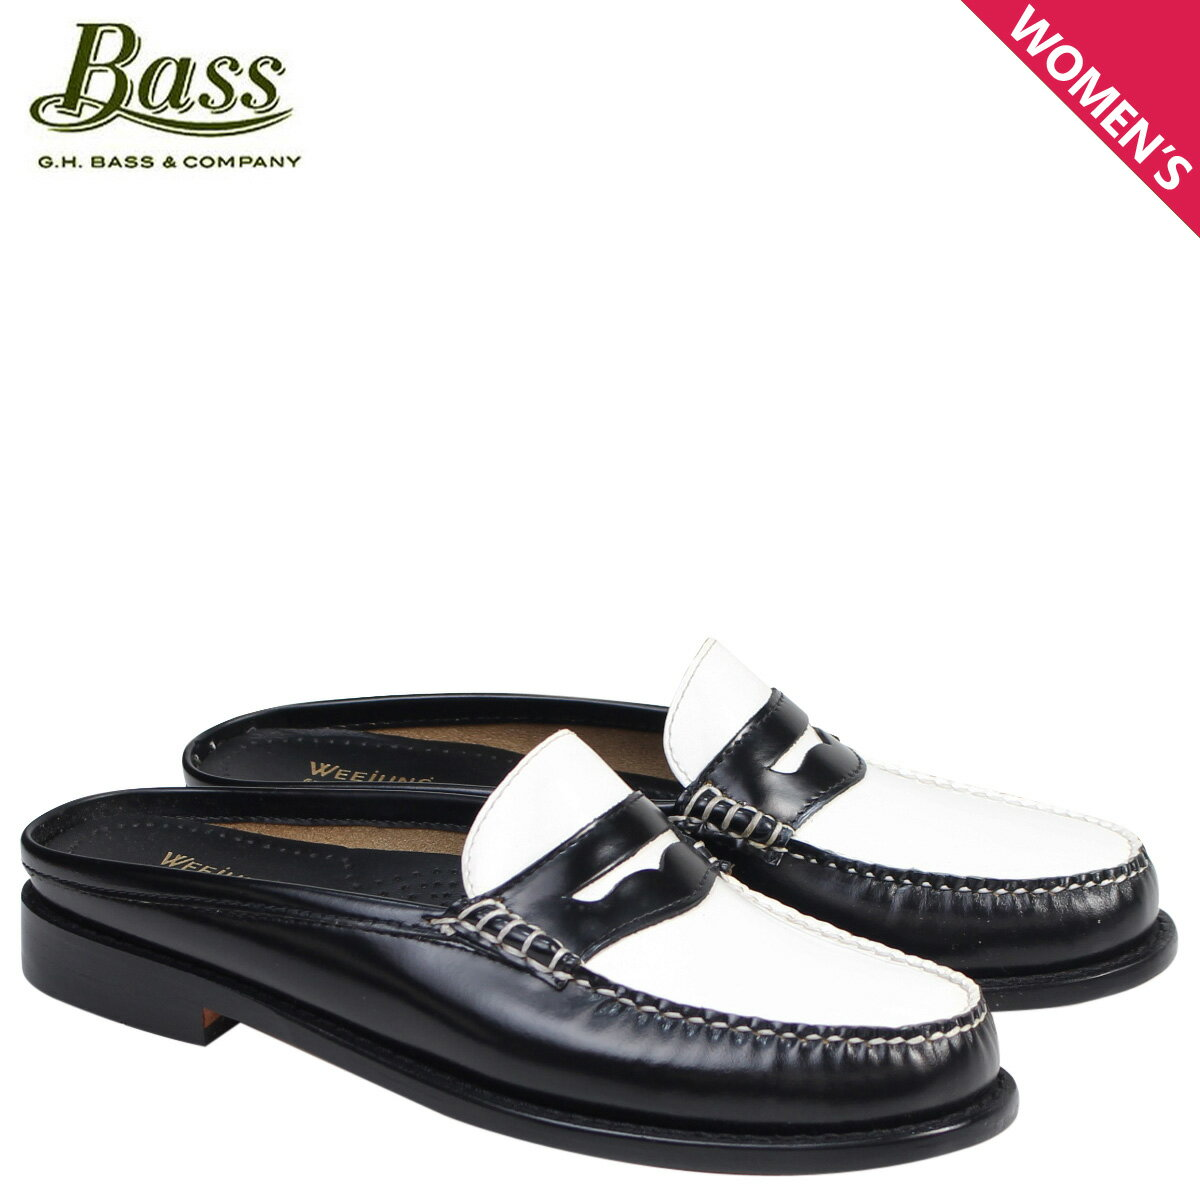 ジーエイチバス ローファー G.H. BASS レディース サンダル スリッパ バブーシュ WYNN PATENT LEATHER MULE WEEJUNS 71-22864 靴 ブラック ホワイト [176]